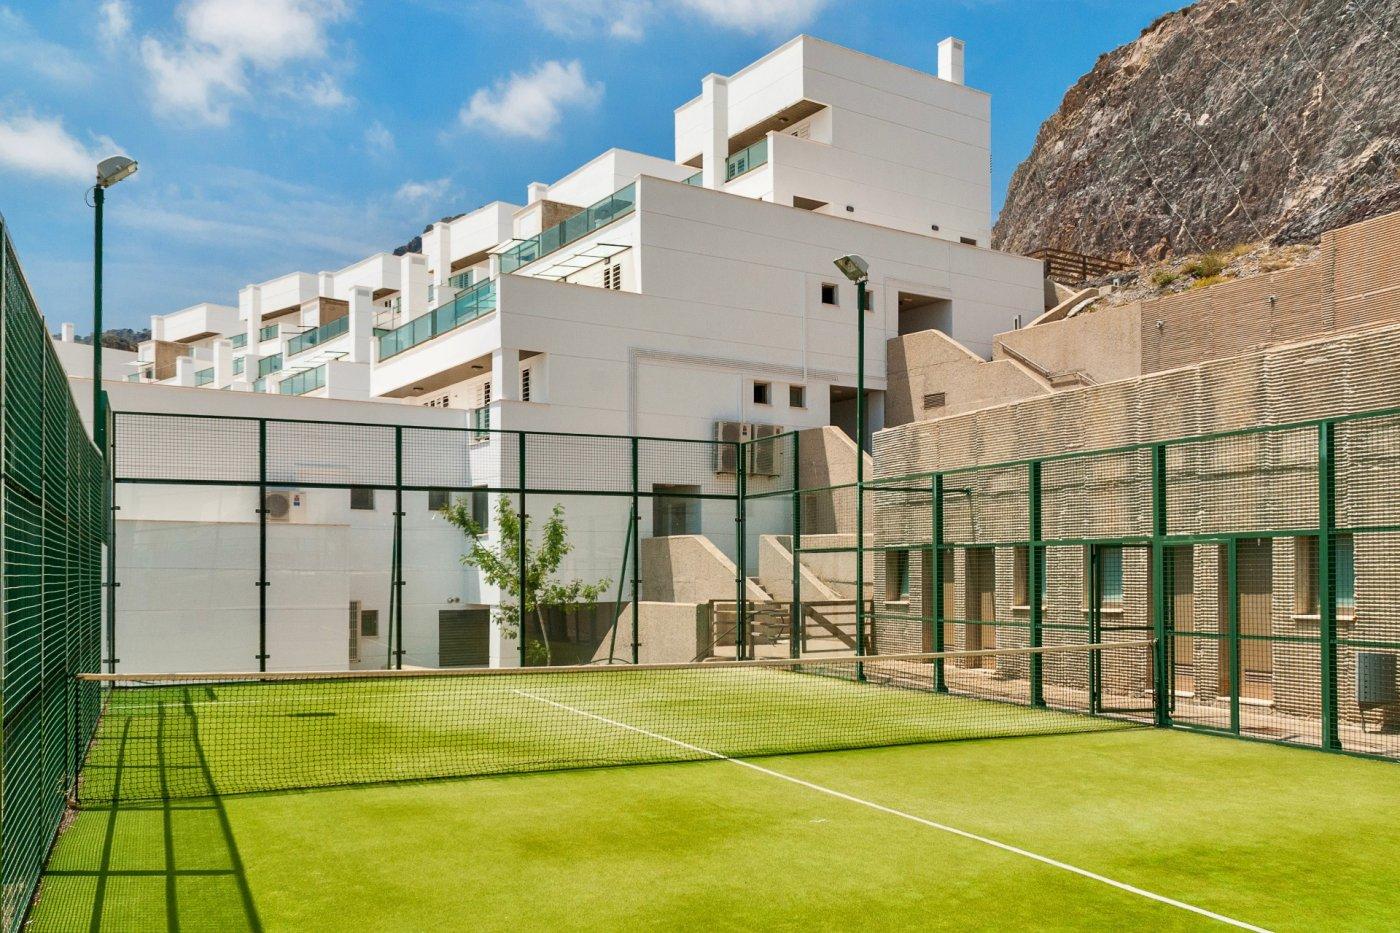 Gallery Image 14 of Gran apartamento orientado al sur de 3 dormitorios y 2 baños con preciosas vistas y 75 m2 de teraza